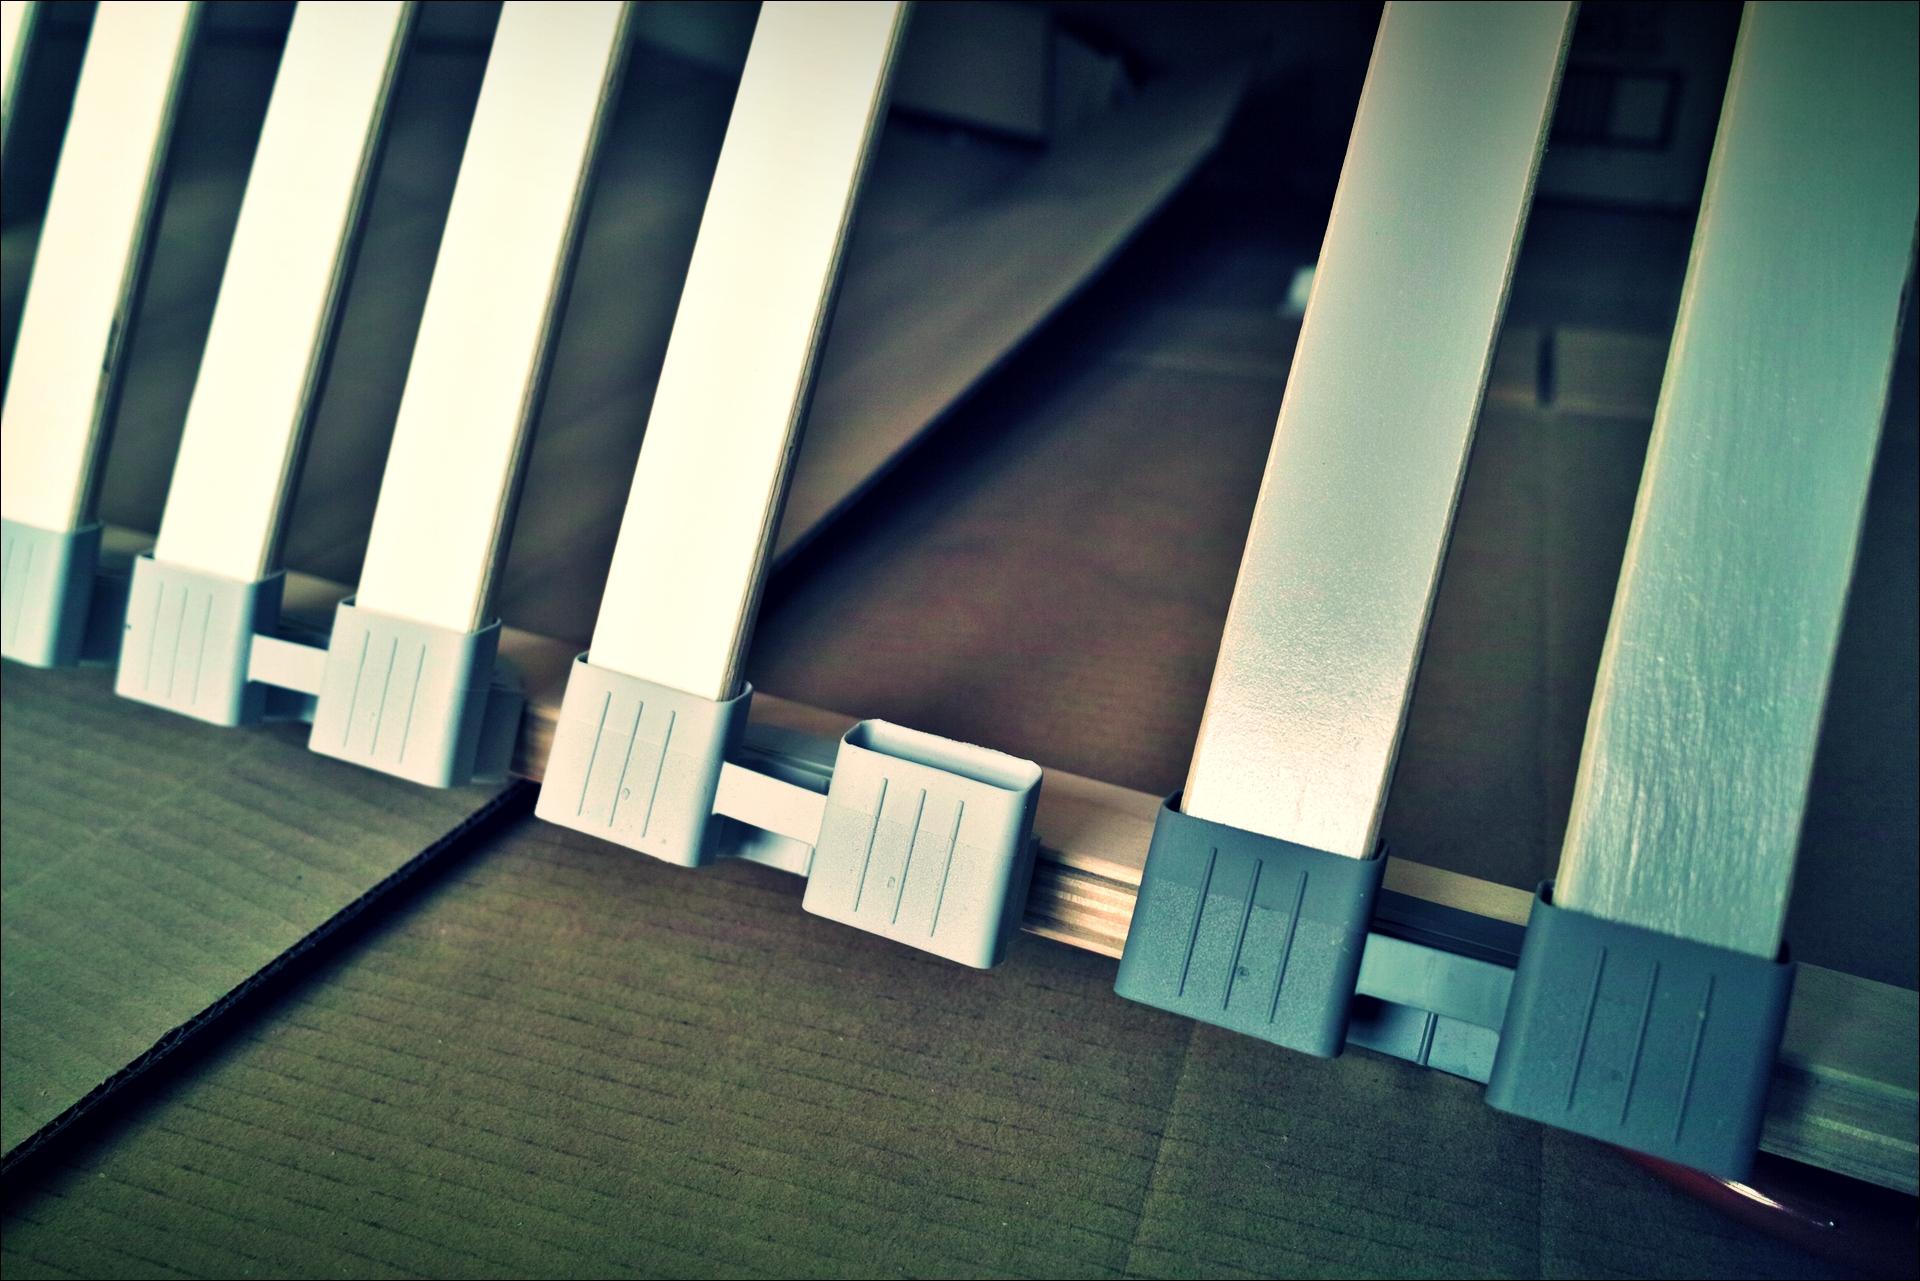 침대 조립-'이케아 가구 조립 노하우. How to assemble ikea furnitures'